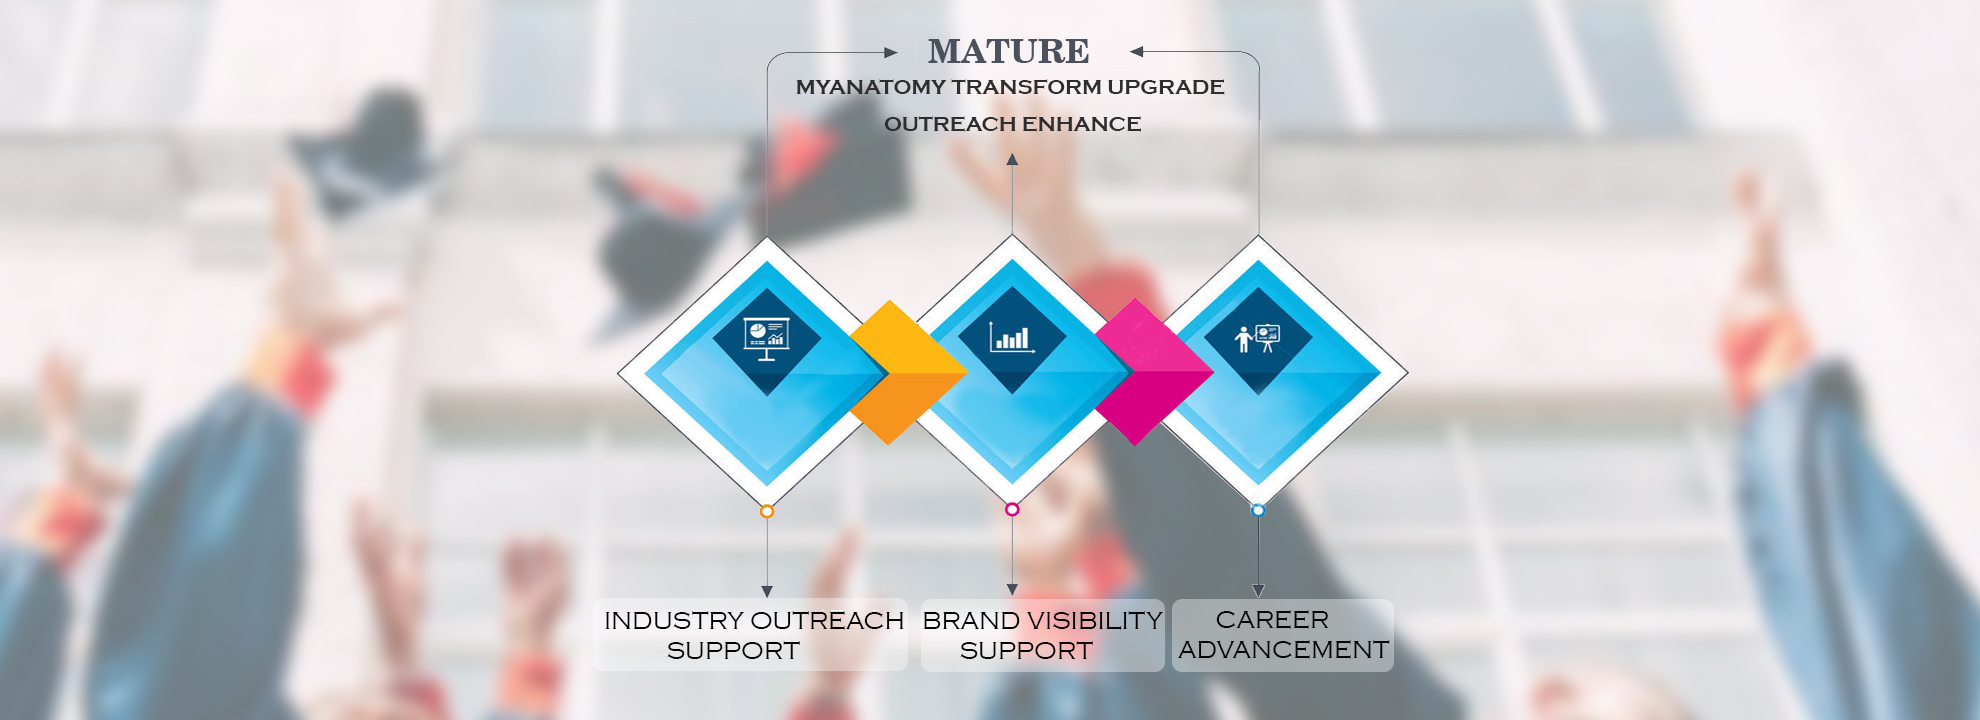 mature banner